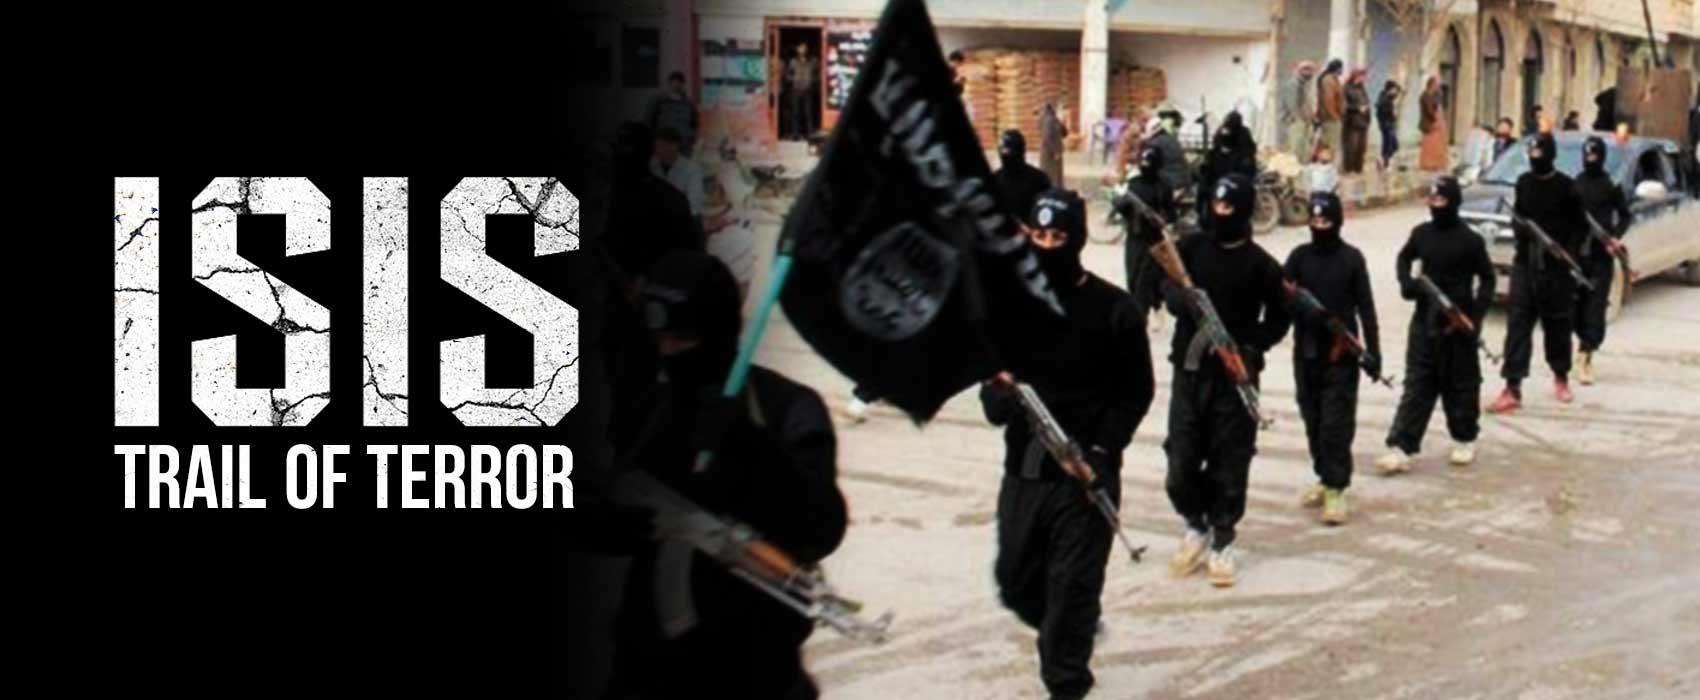 มาเลเซียขึ้นบัญชีดำ 250 รายชื่อพัวพันนักรบ IS